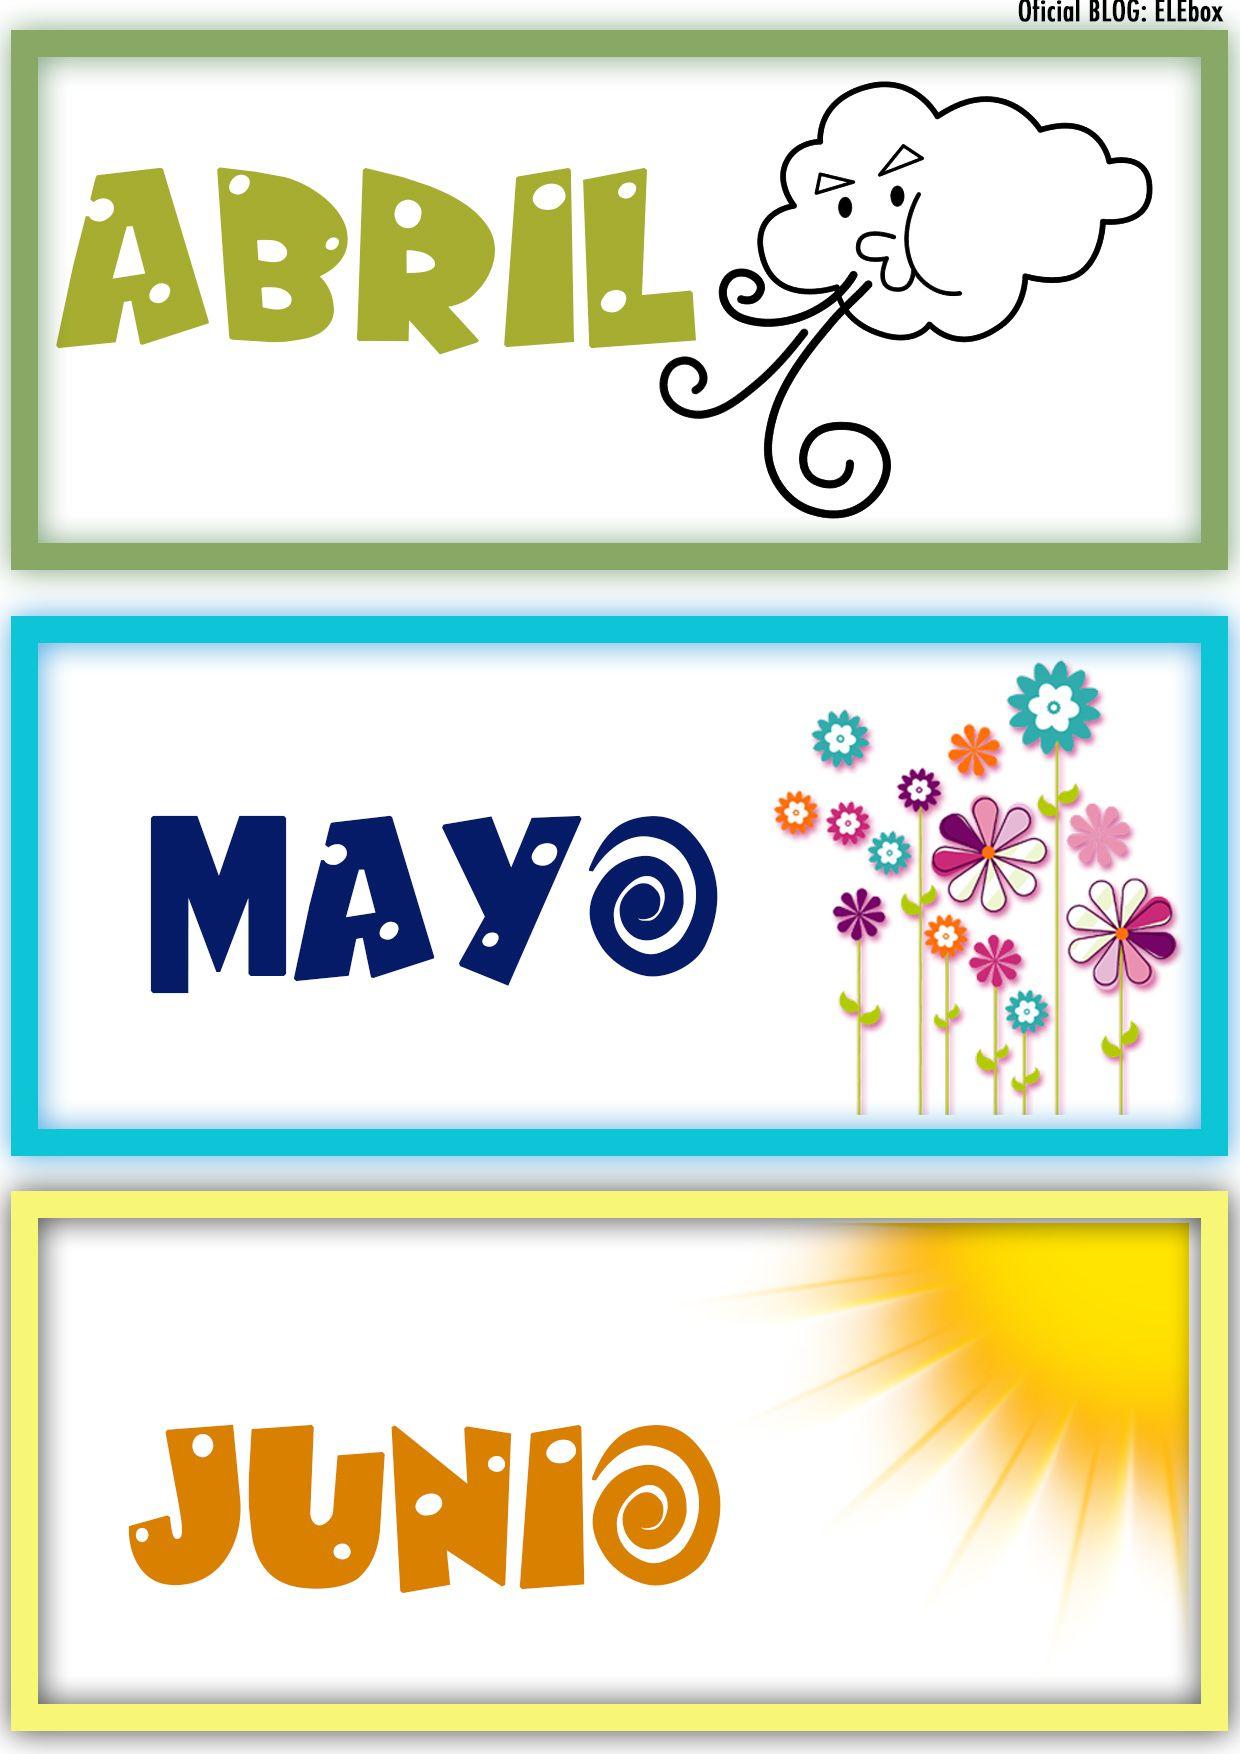 Los Meses Del Ano Abril Mayo Y Junio Salones De Preescolar Asamblea Educacion Infantil Calendario Preescolar